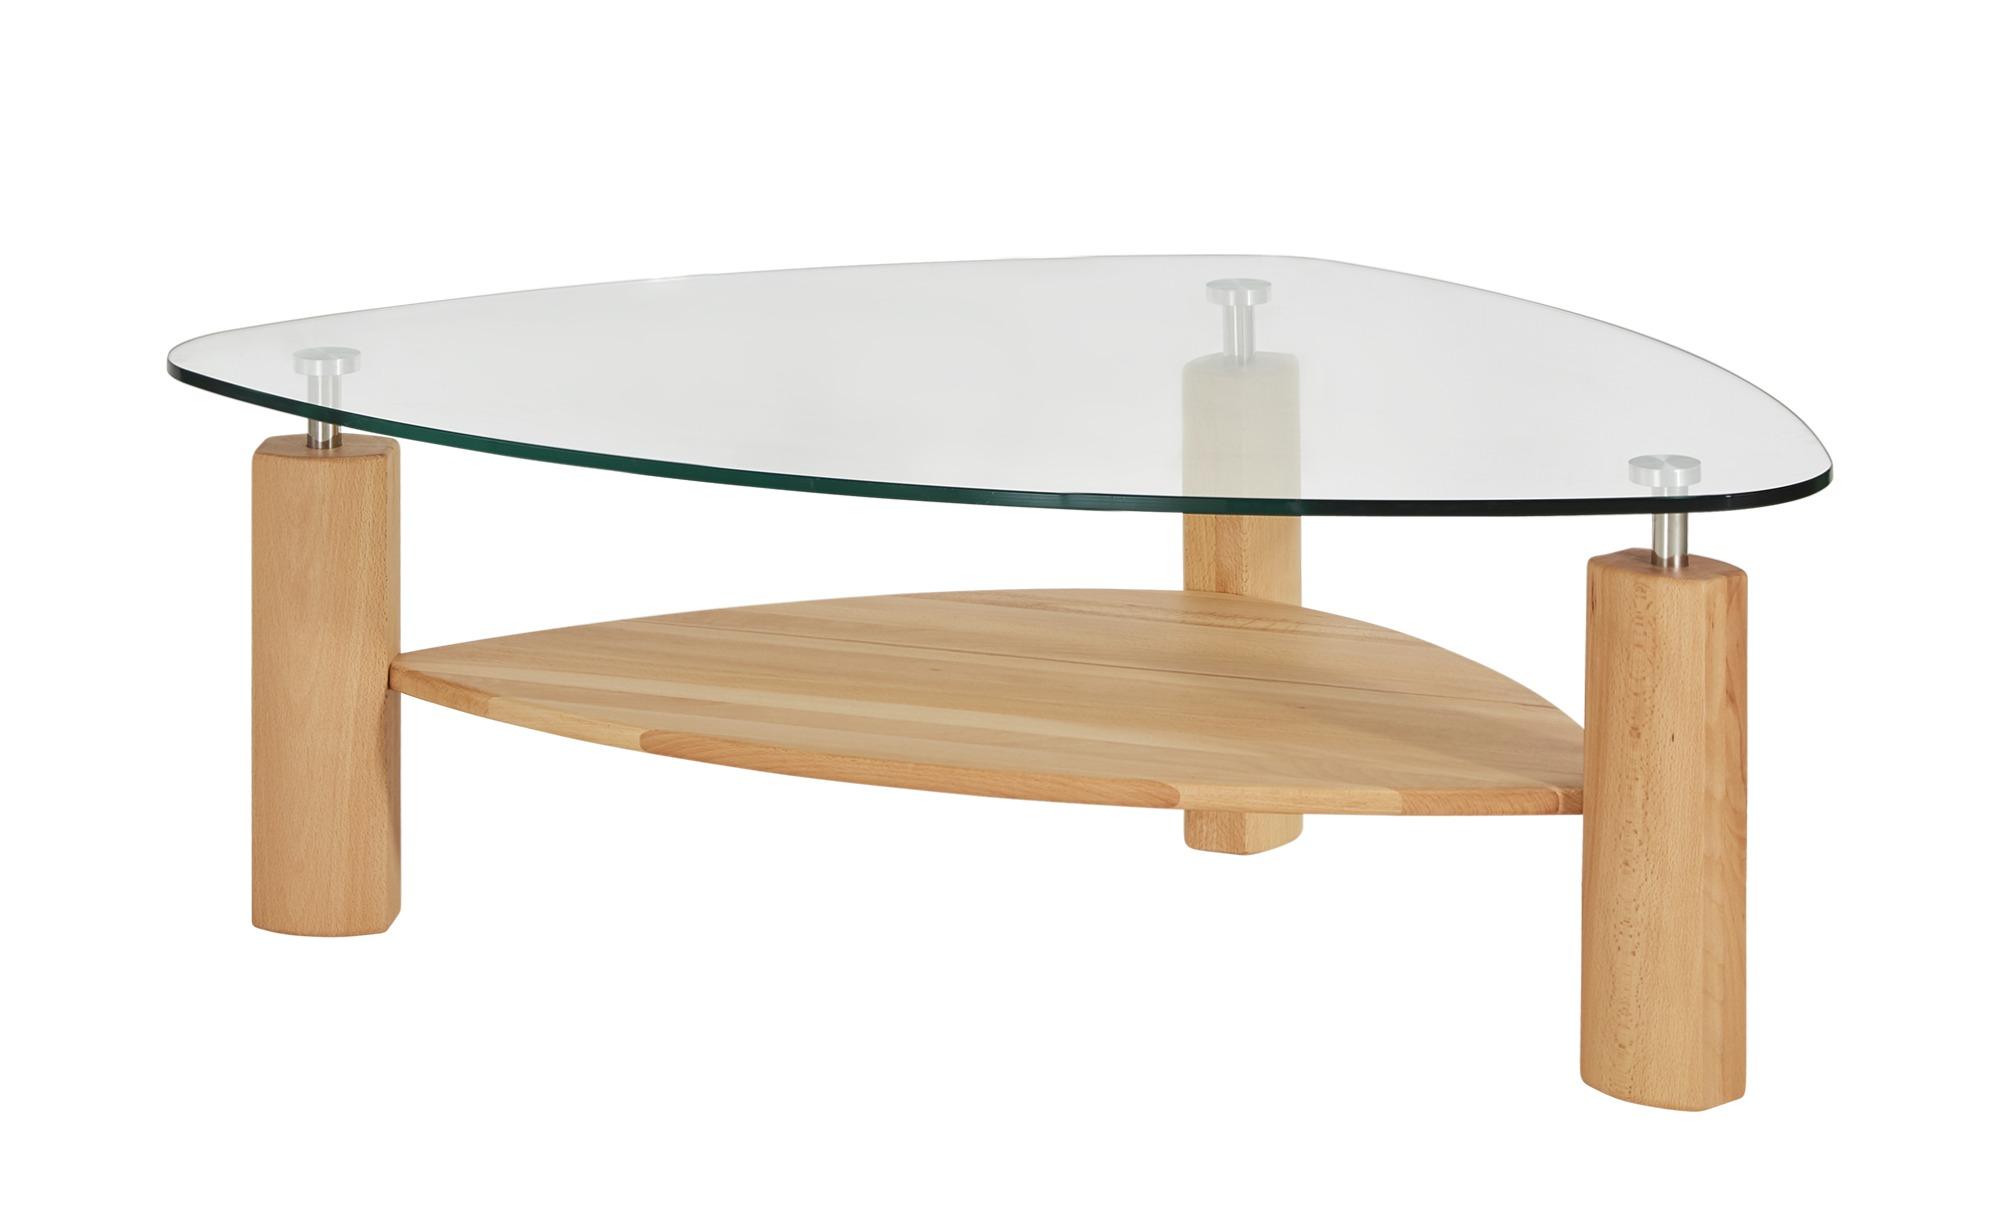 Couchtisch  Chios ¦ holzfarben ¦ Maße (cm): B: 85 H: 44 T: 85 Tische > Couchtische > Couchtische andere Formen - Höffner